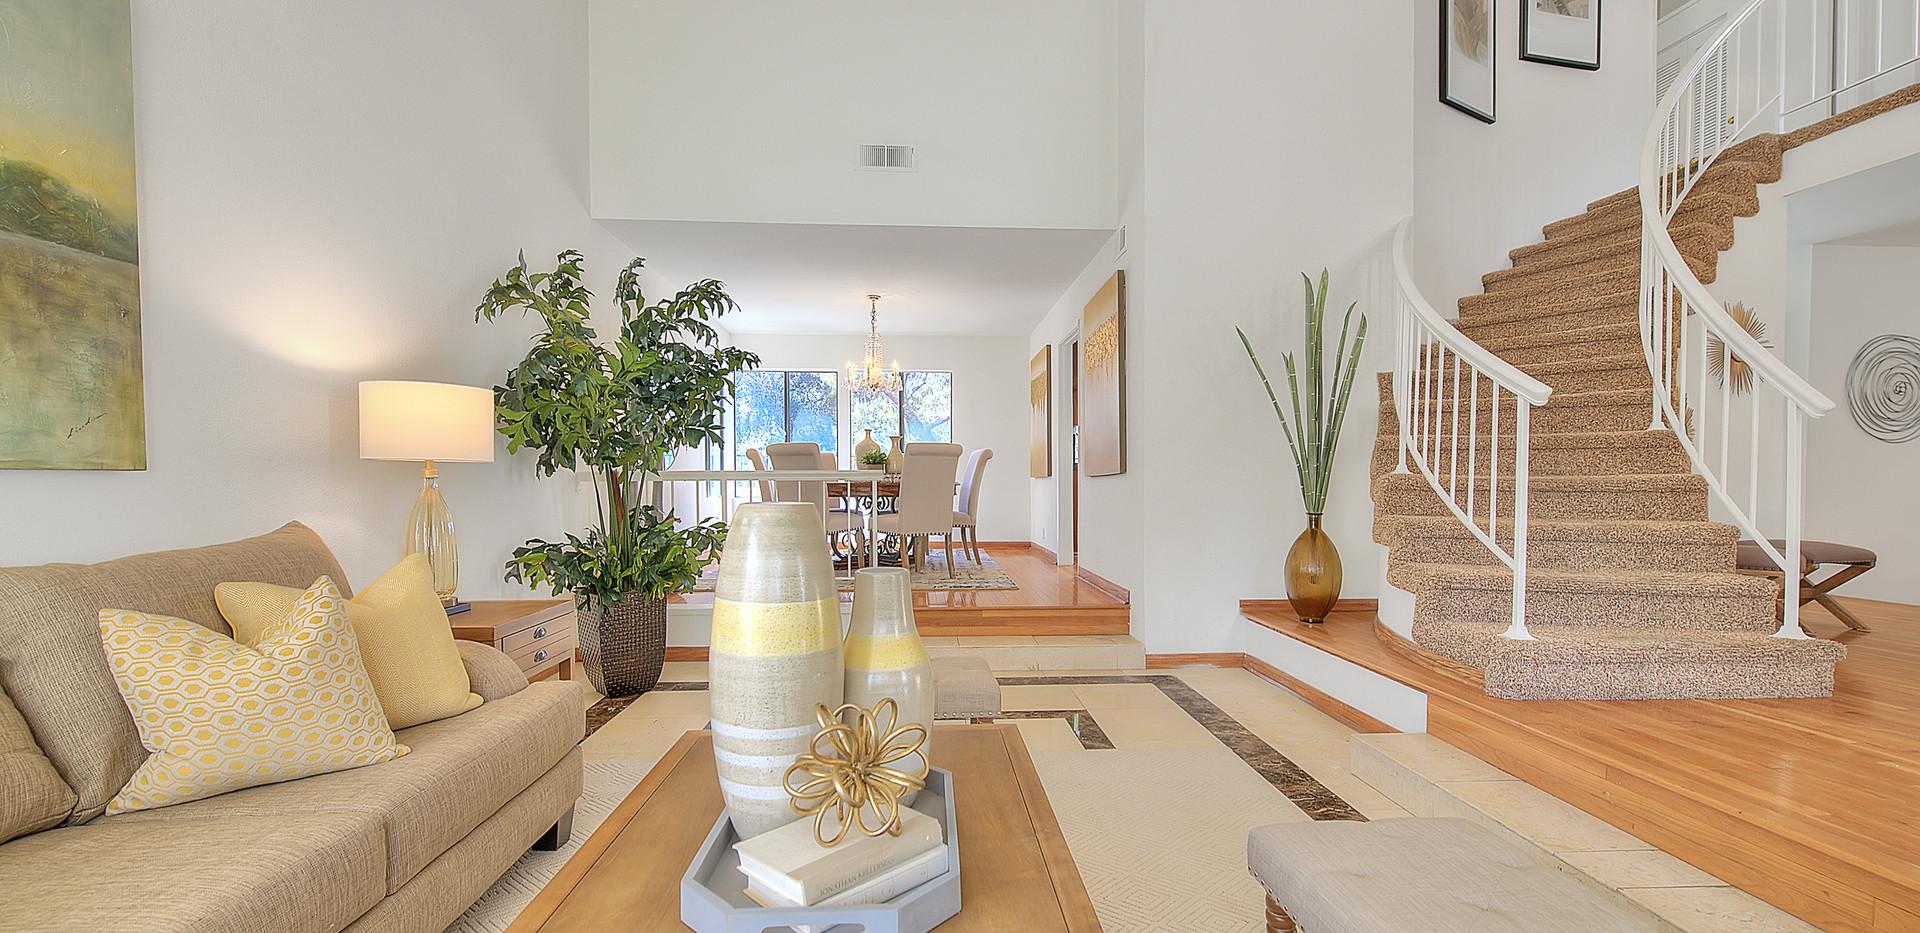 Living Room (5 of 7).jpg